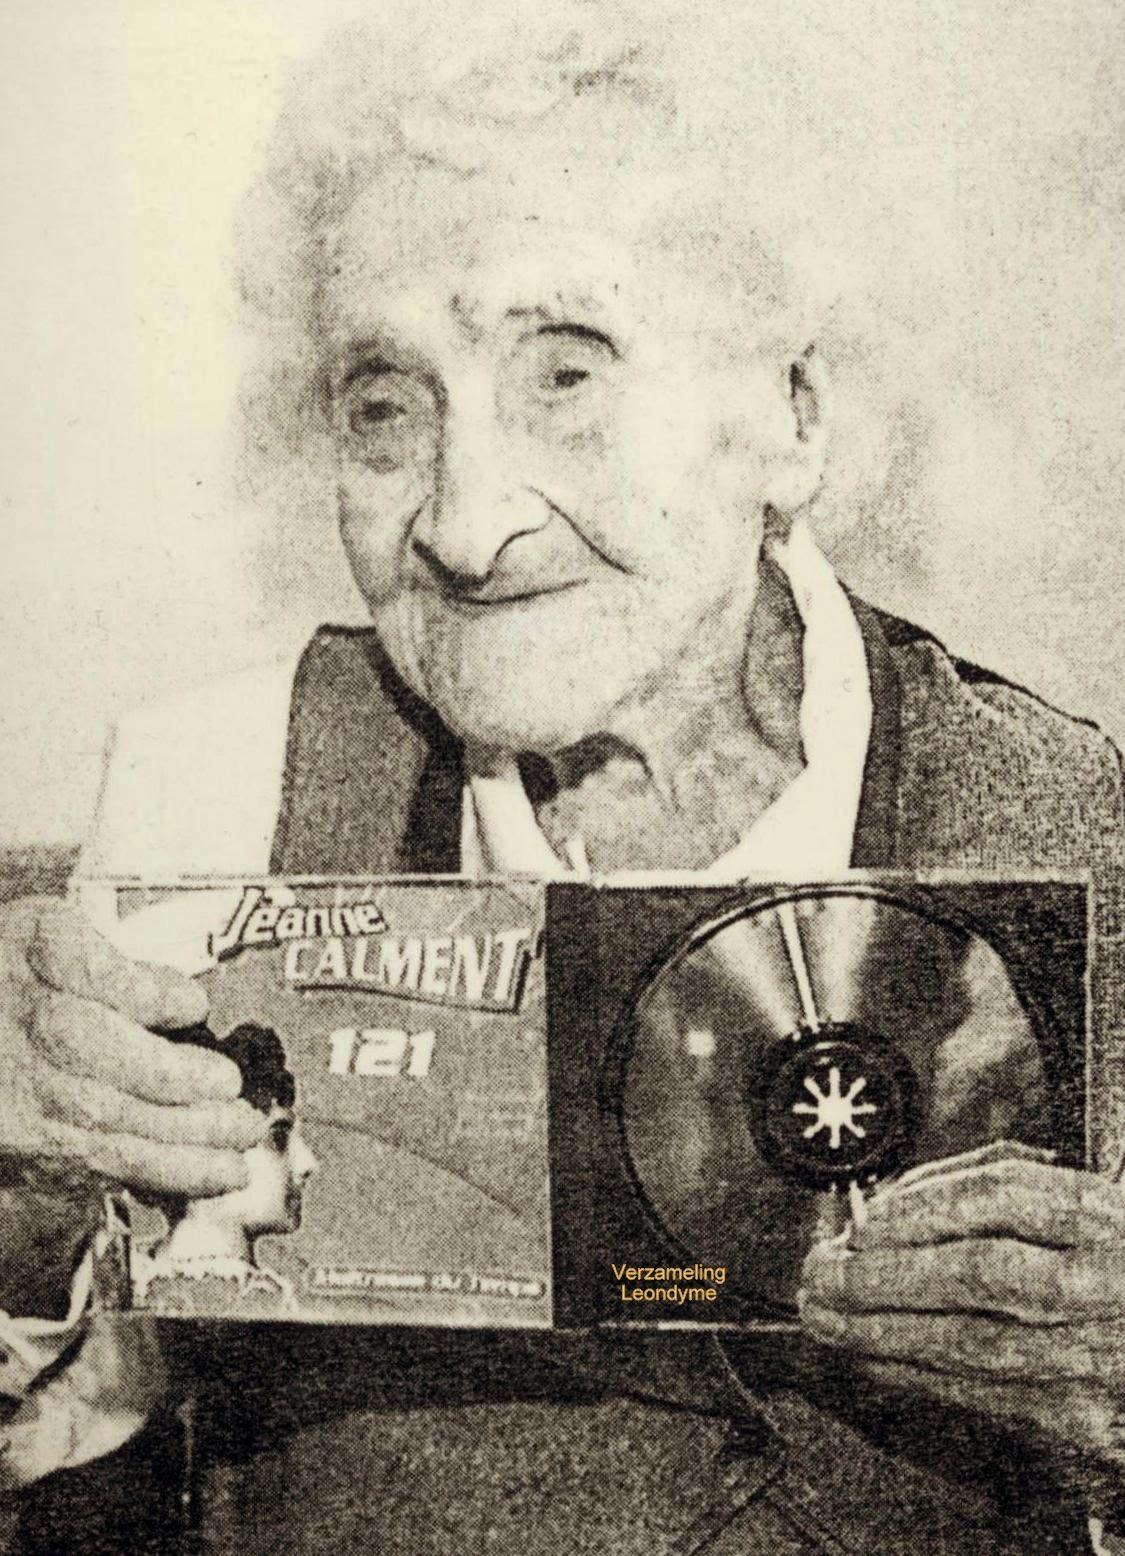 Jeanne op 121-jarige leeftijd met haar uitgebrachte cd. Verzameling Leondyme.